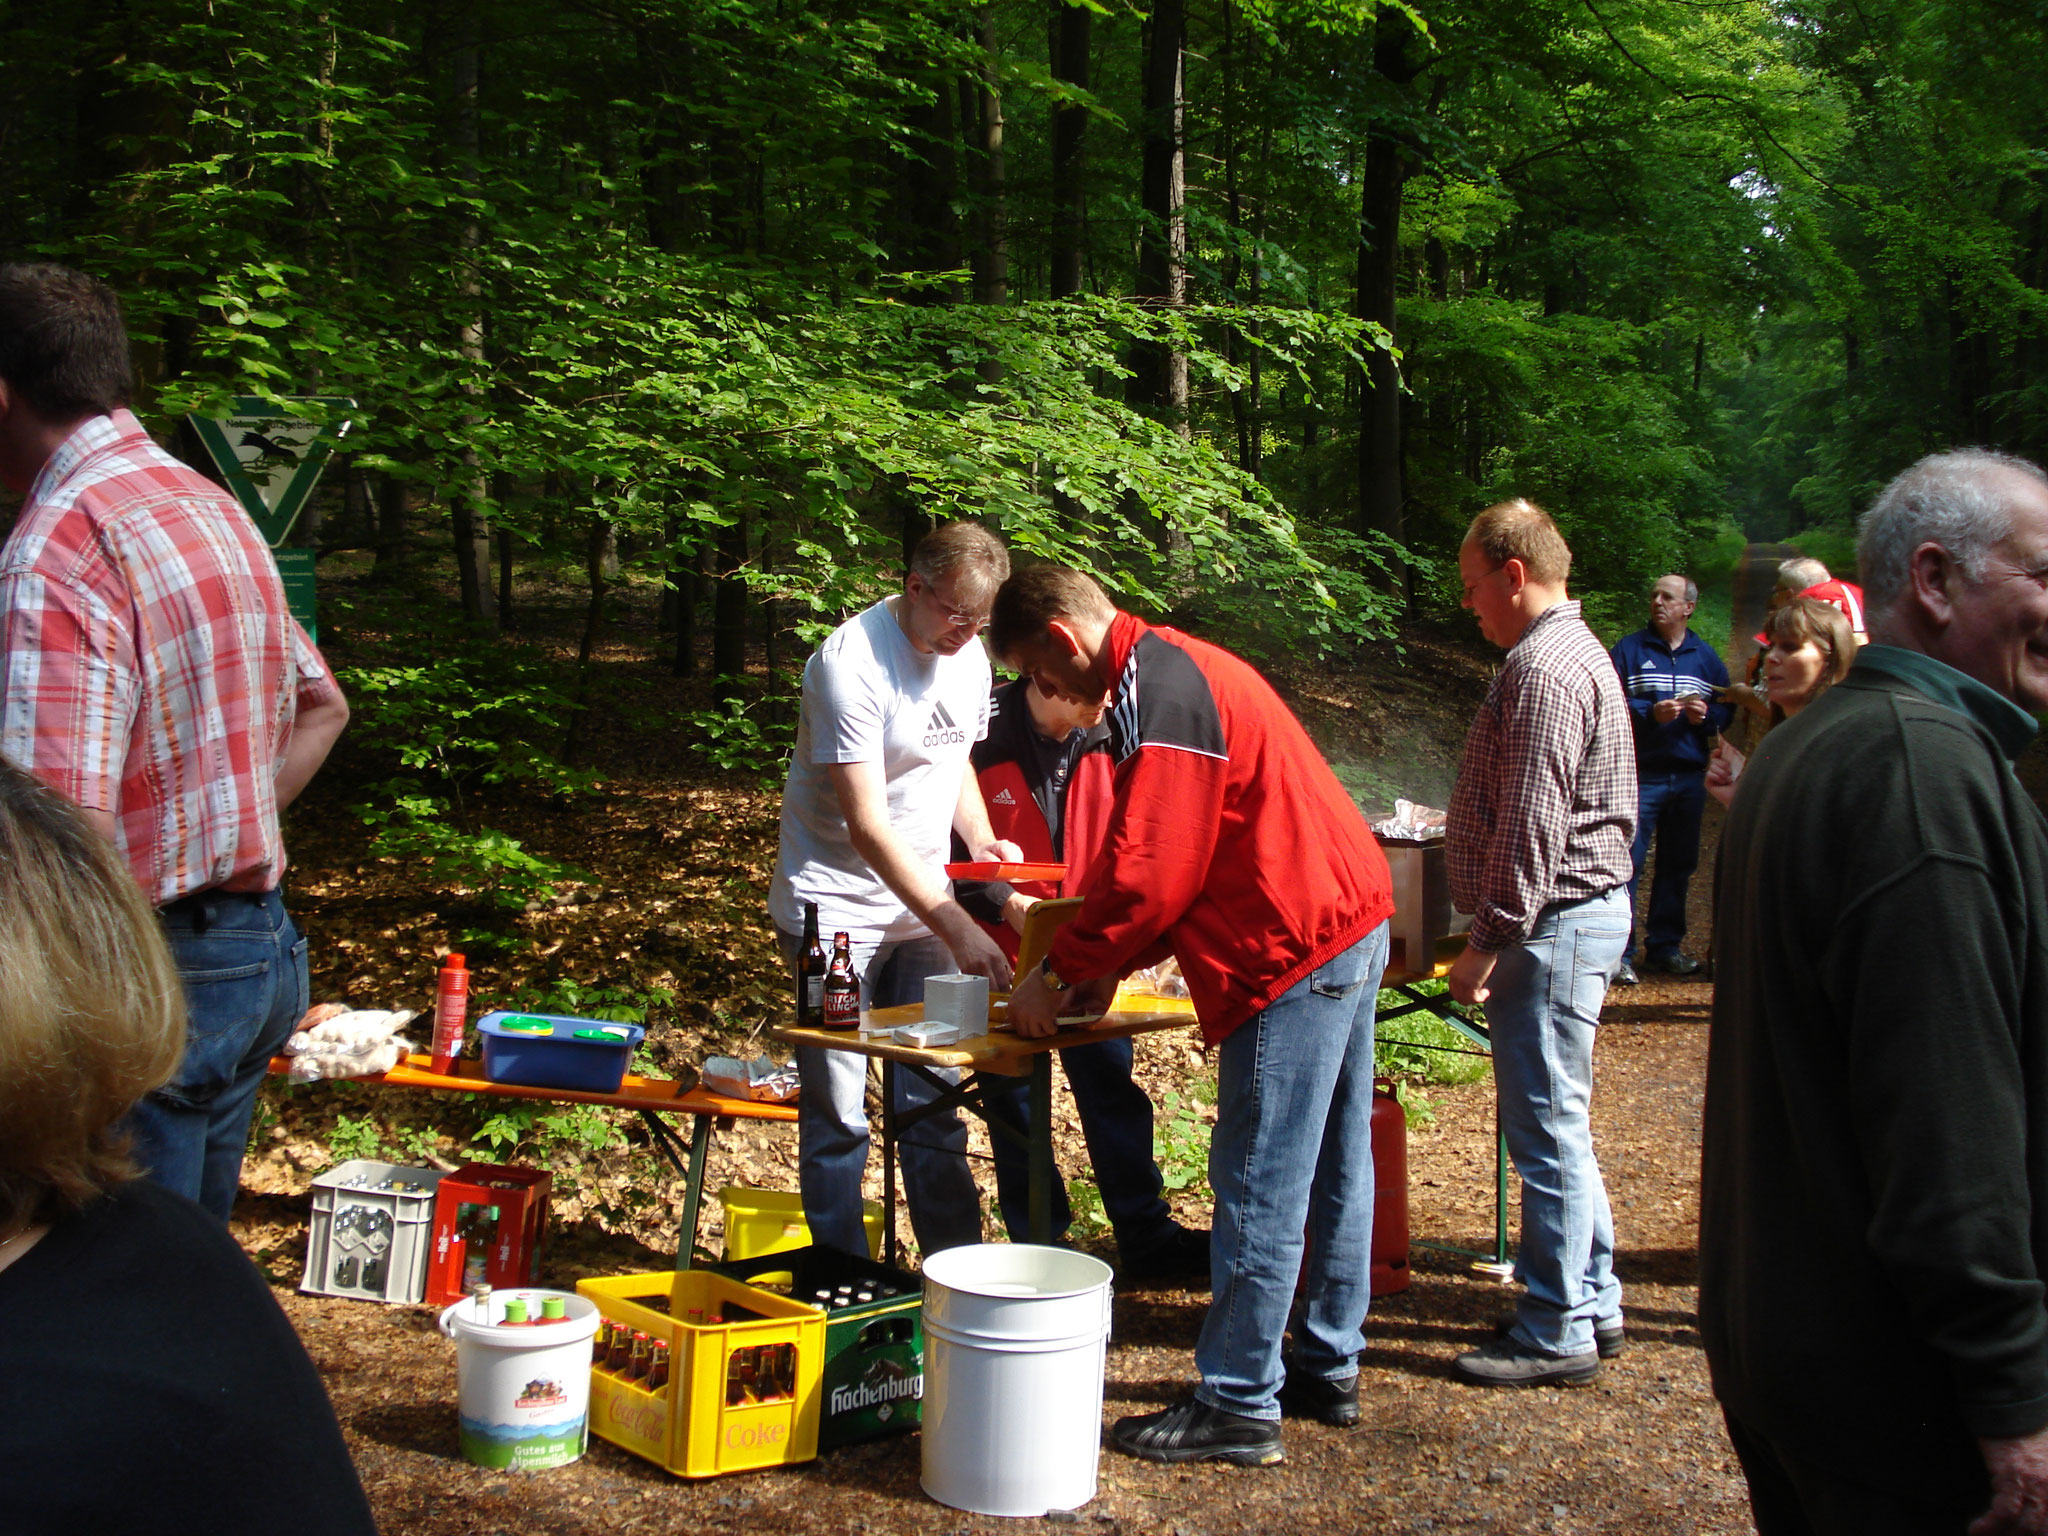 Mobile Verpflegung im Wald